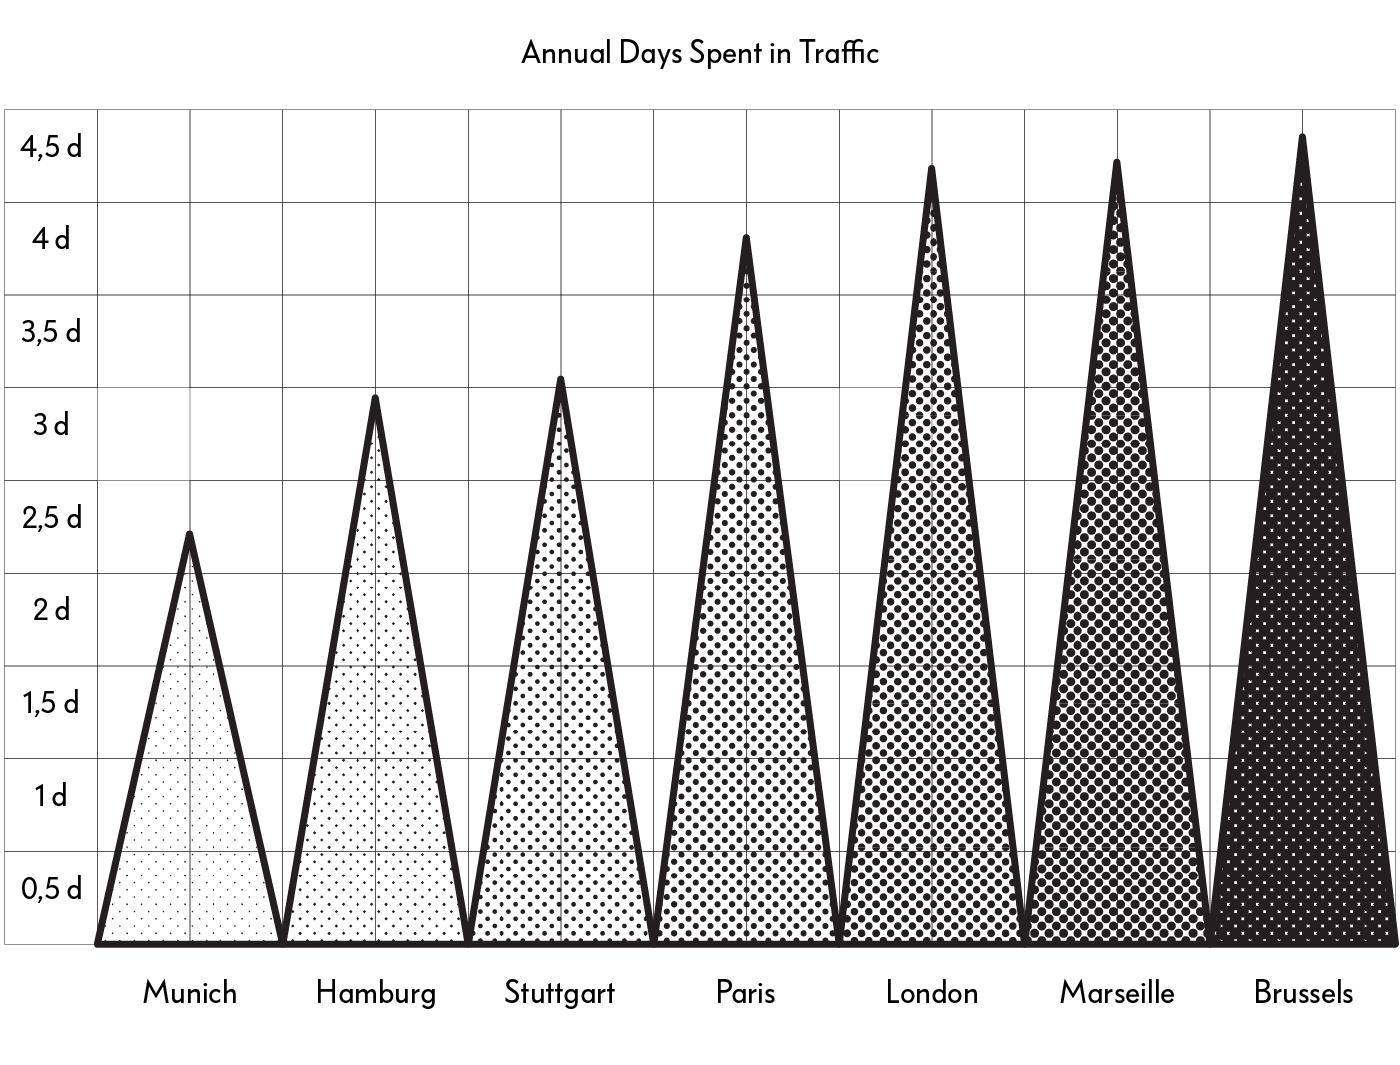 Aantal dagen dat men vastzit in het verkeer, gebaseerd op onderzoek door  The Telegraph  en  Business Insider .